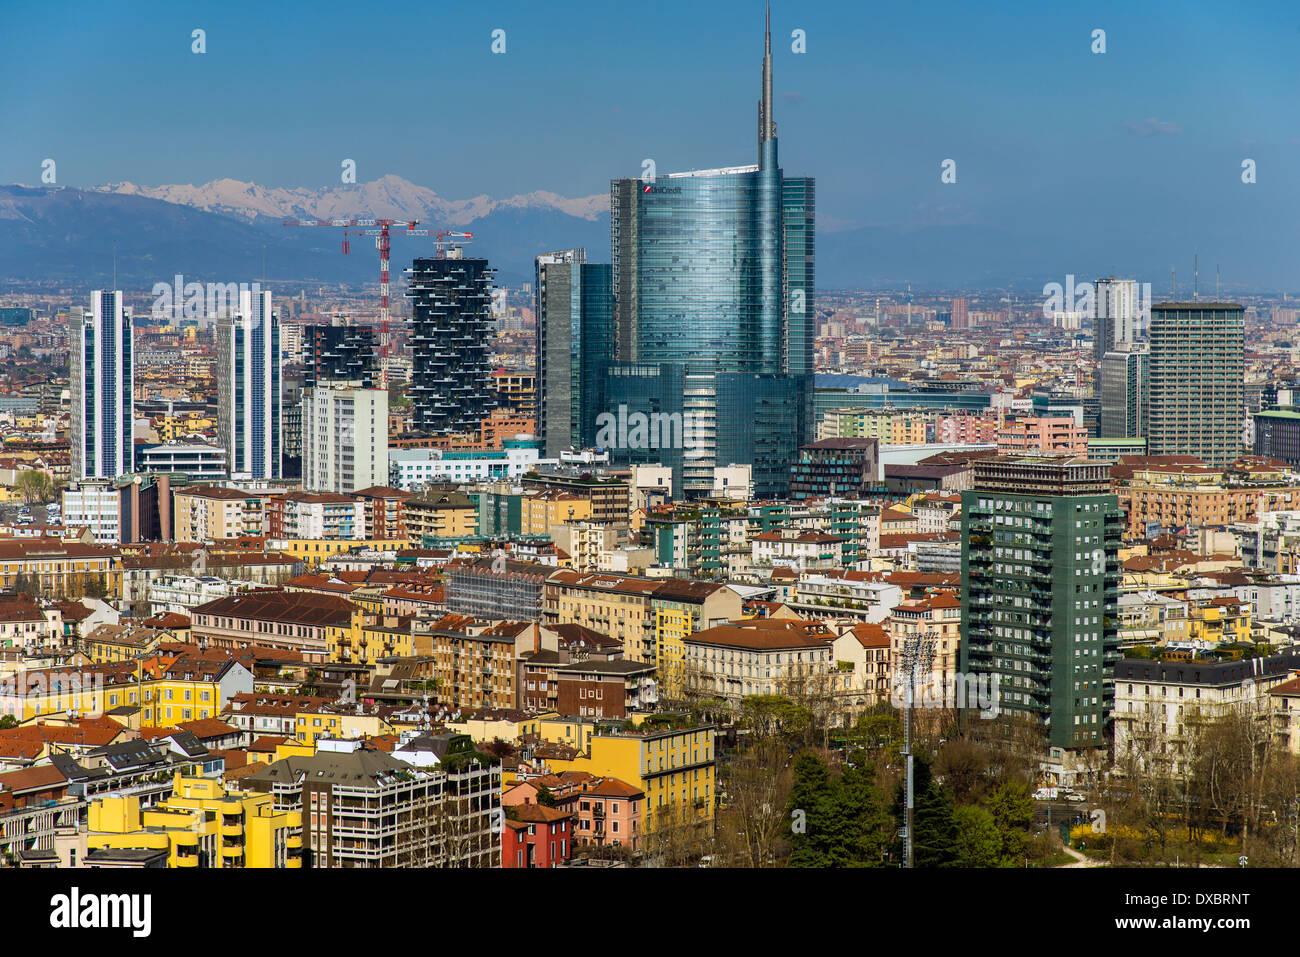 Skyline della città con Porta Nuova quartiere business e le Alpi dietro, Milano, Lombardia, Italia Immagini Stock